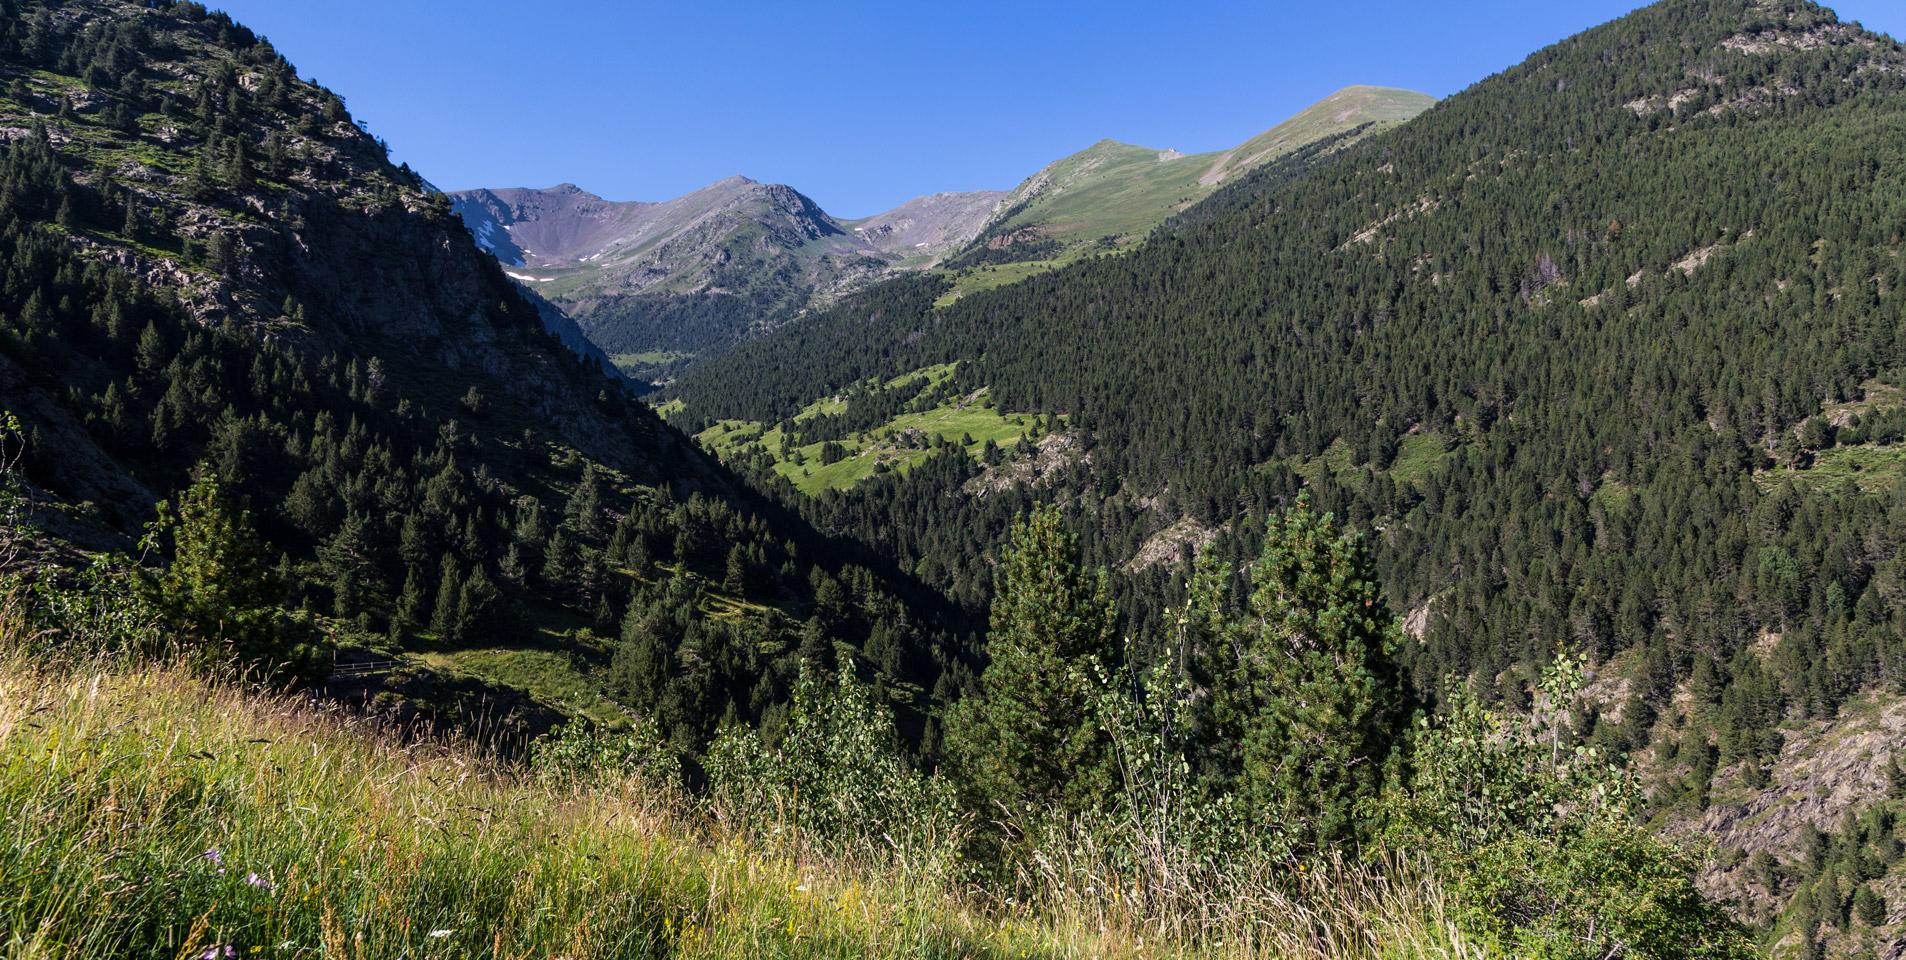 Des vacances dans les montagnes